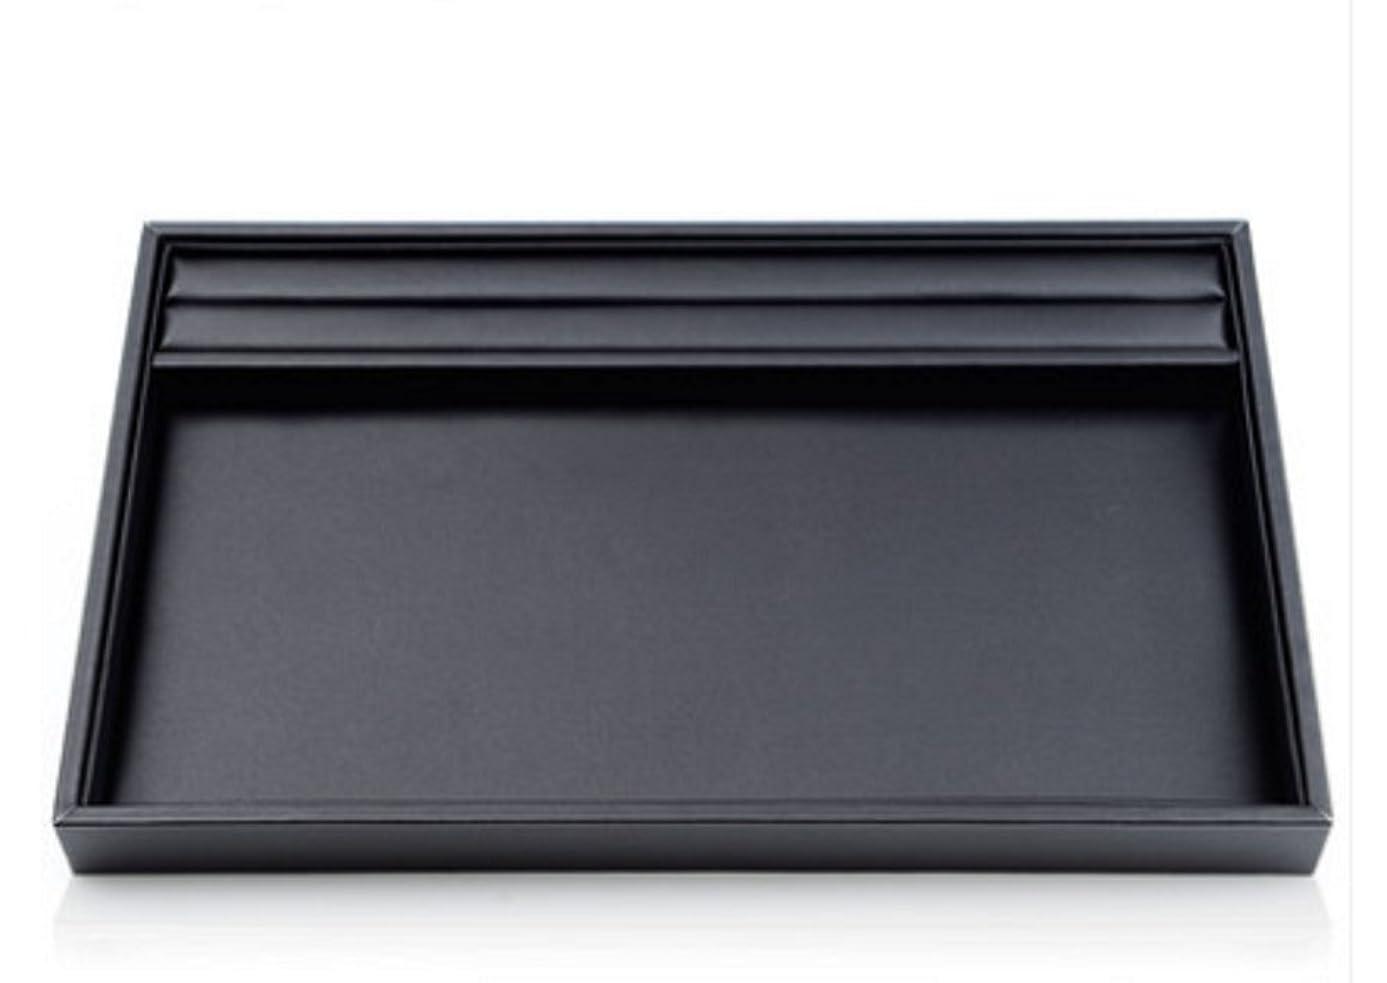 ウェーハケイ素接ぎ木[ブルー リフレイン] (Bluerefrain) リング溝付き ジュエリートレイ アクセサリートレイ 指輪展示 ディスプレイ レザー調 大 (30*20*3 cm) 小 (25*20*3cm) 小 (ブラック (大) 30×20cm)